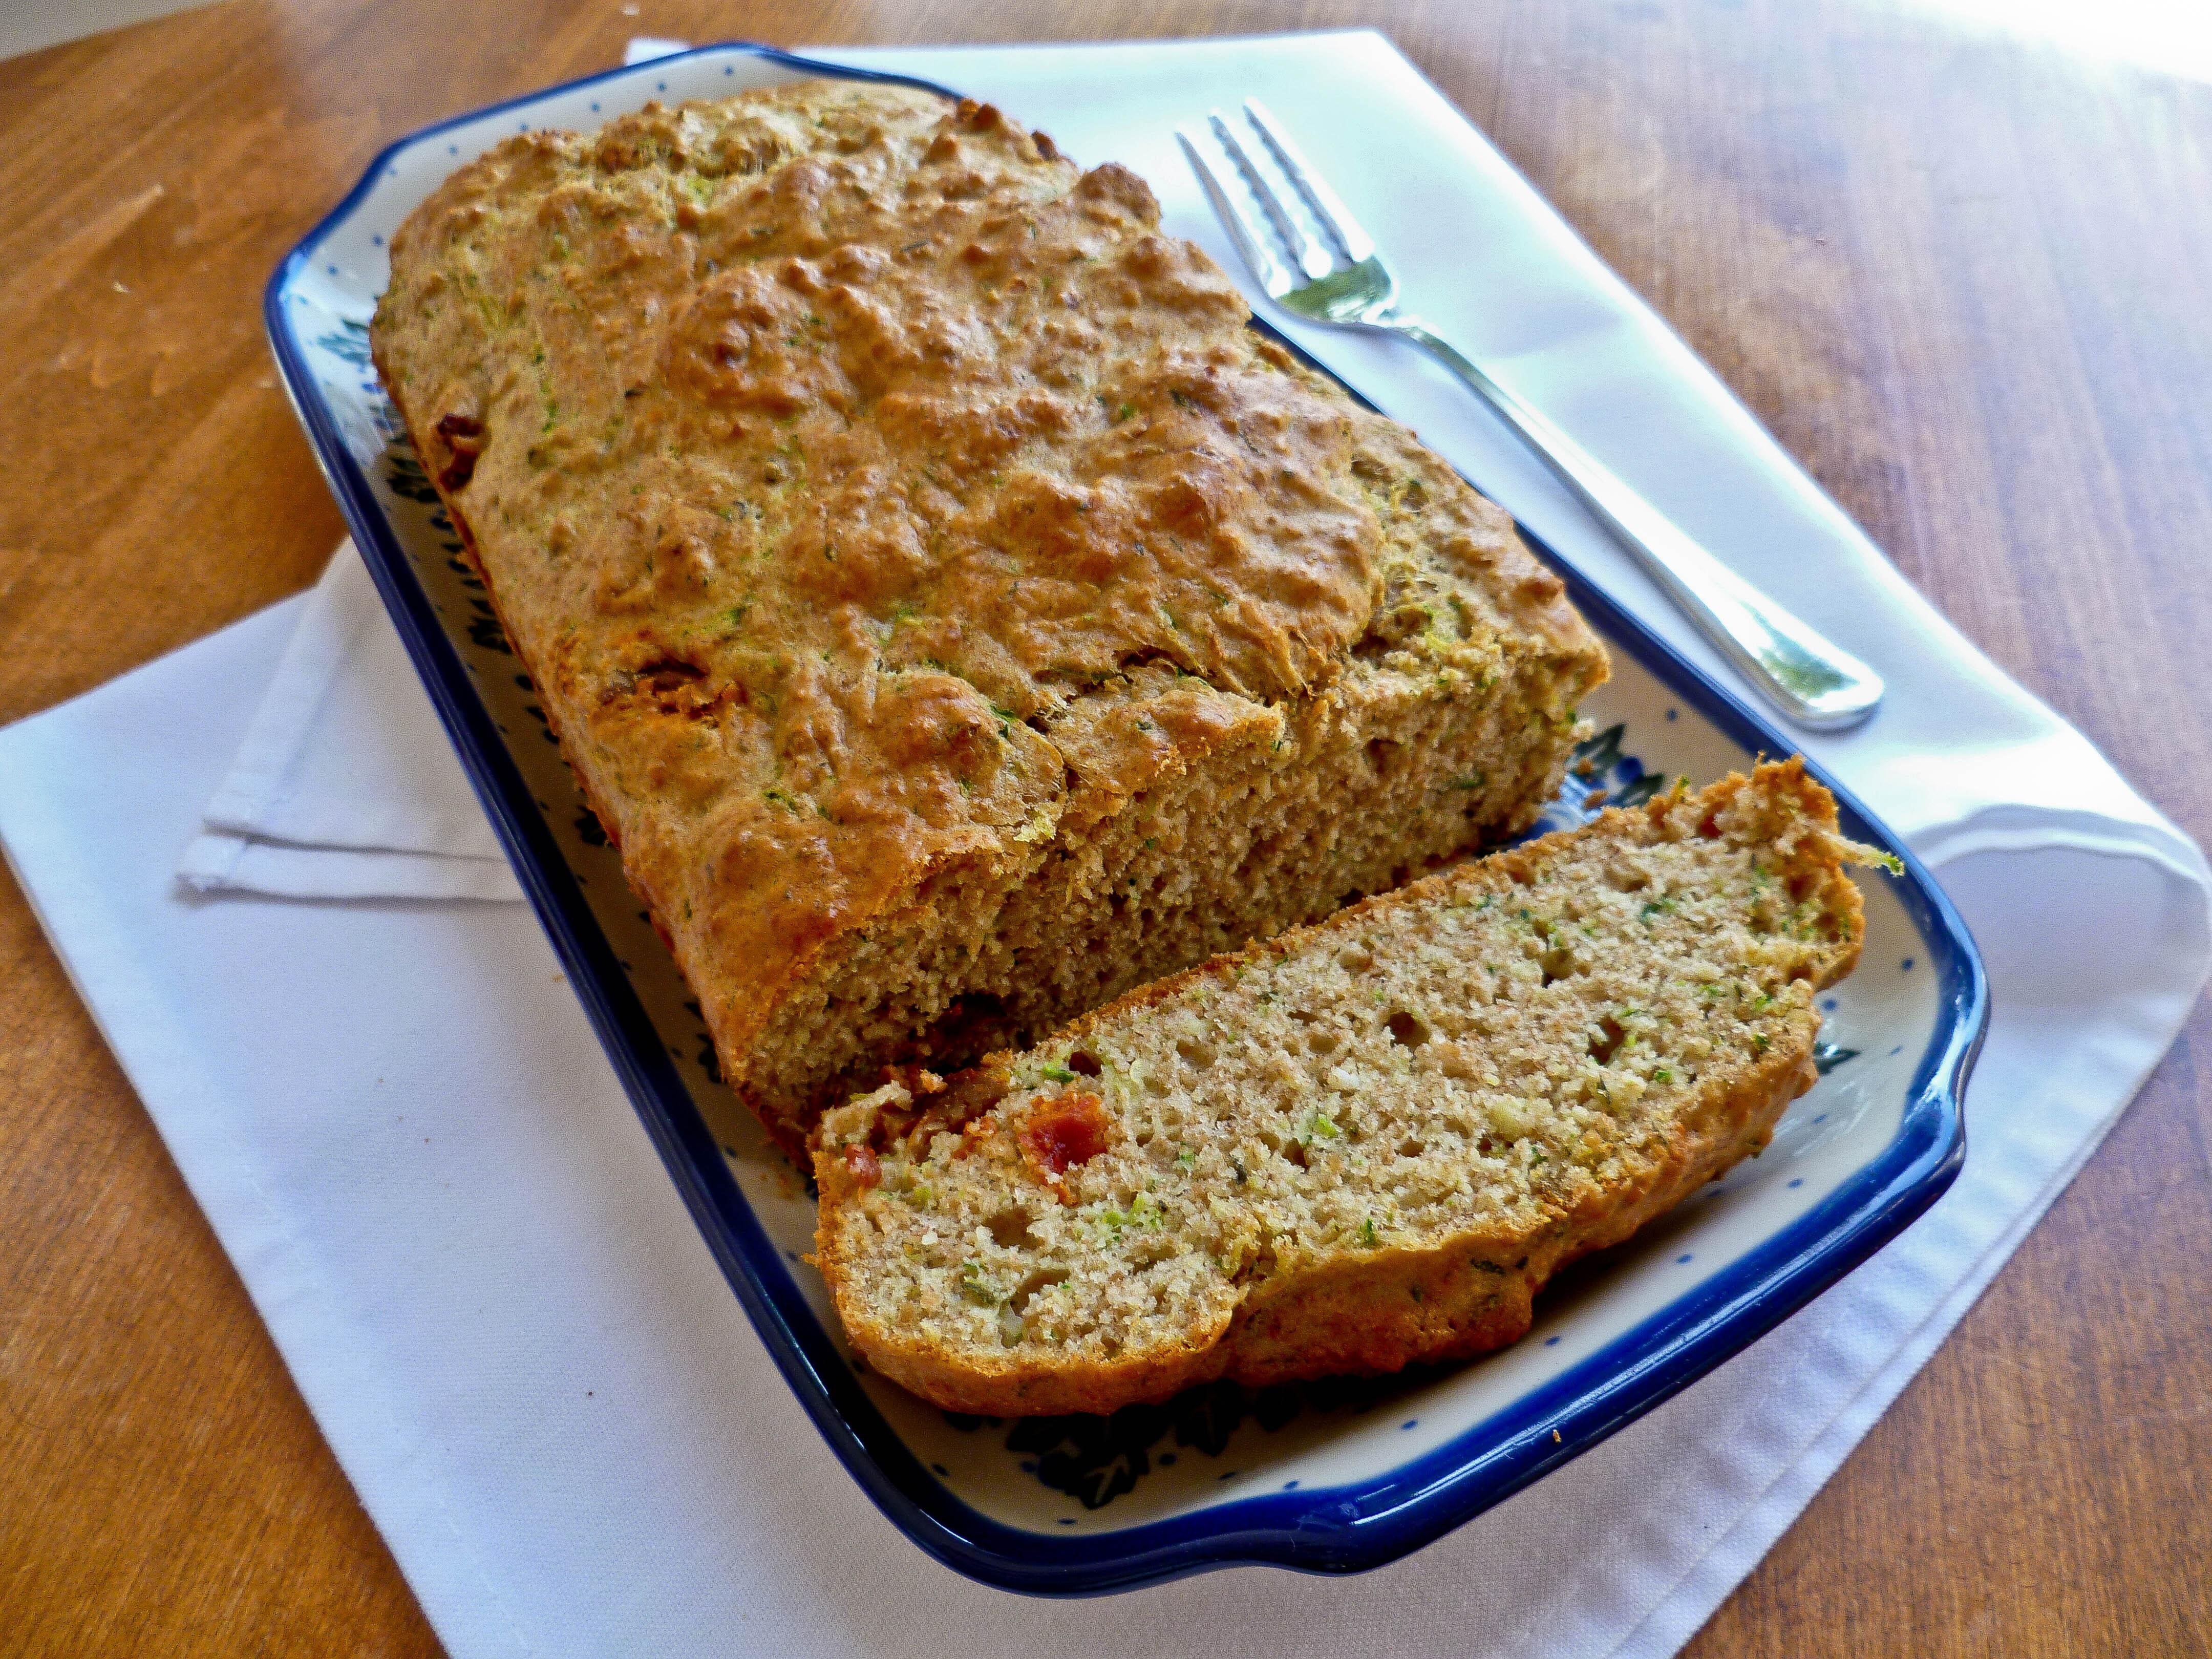 Whole Wheat Sun-Dried Tomato and Zucchini Bread